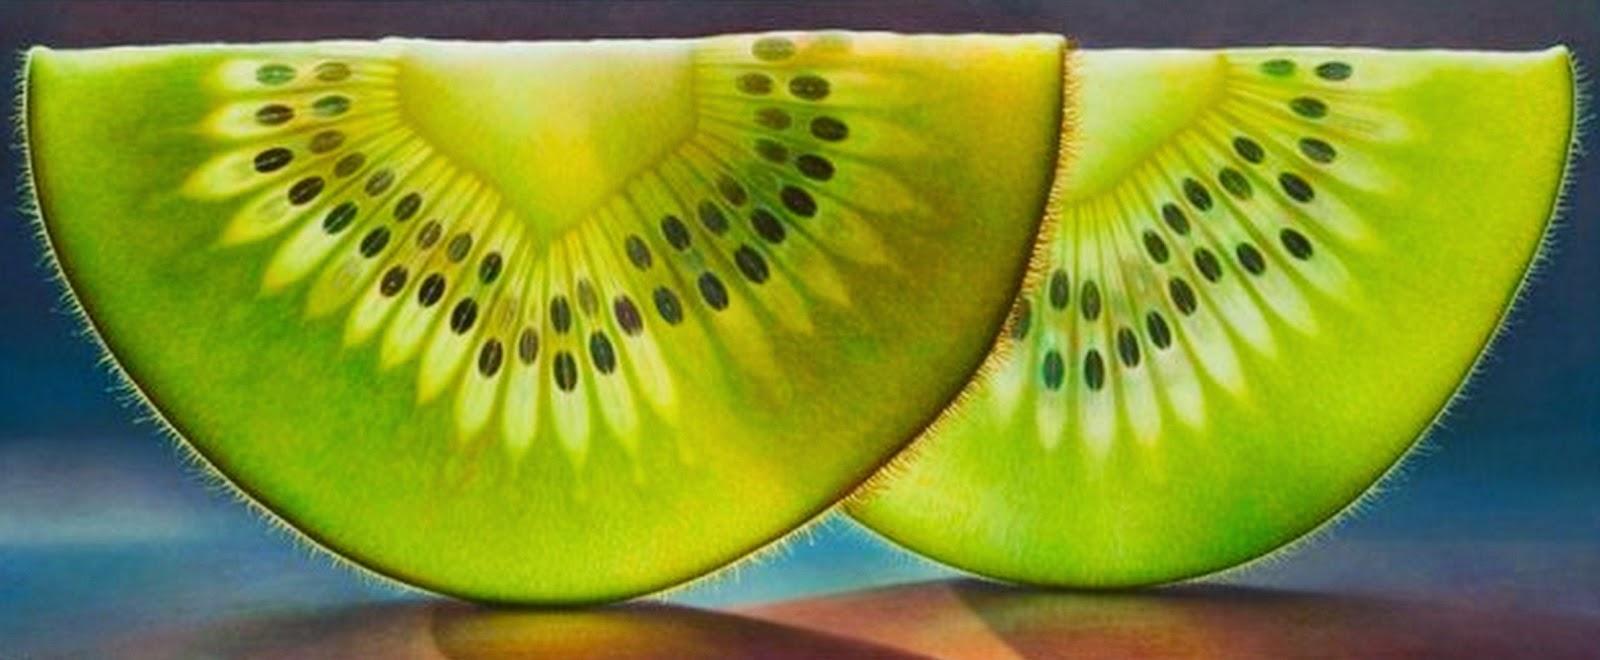 bodegones-modernos-de-frutas